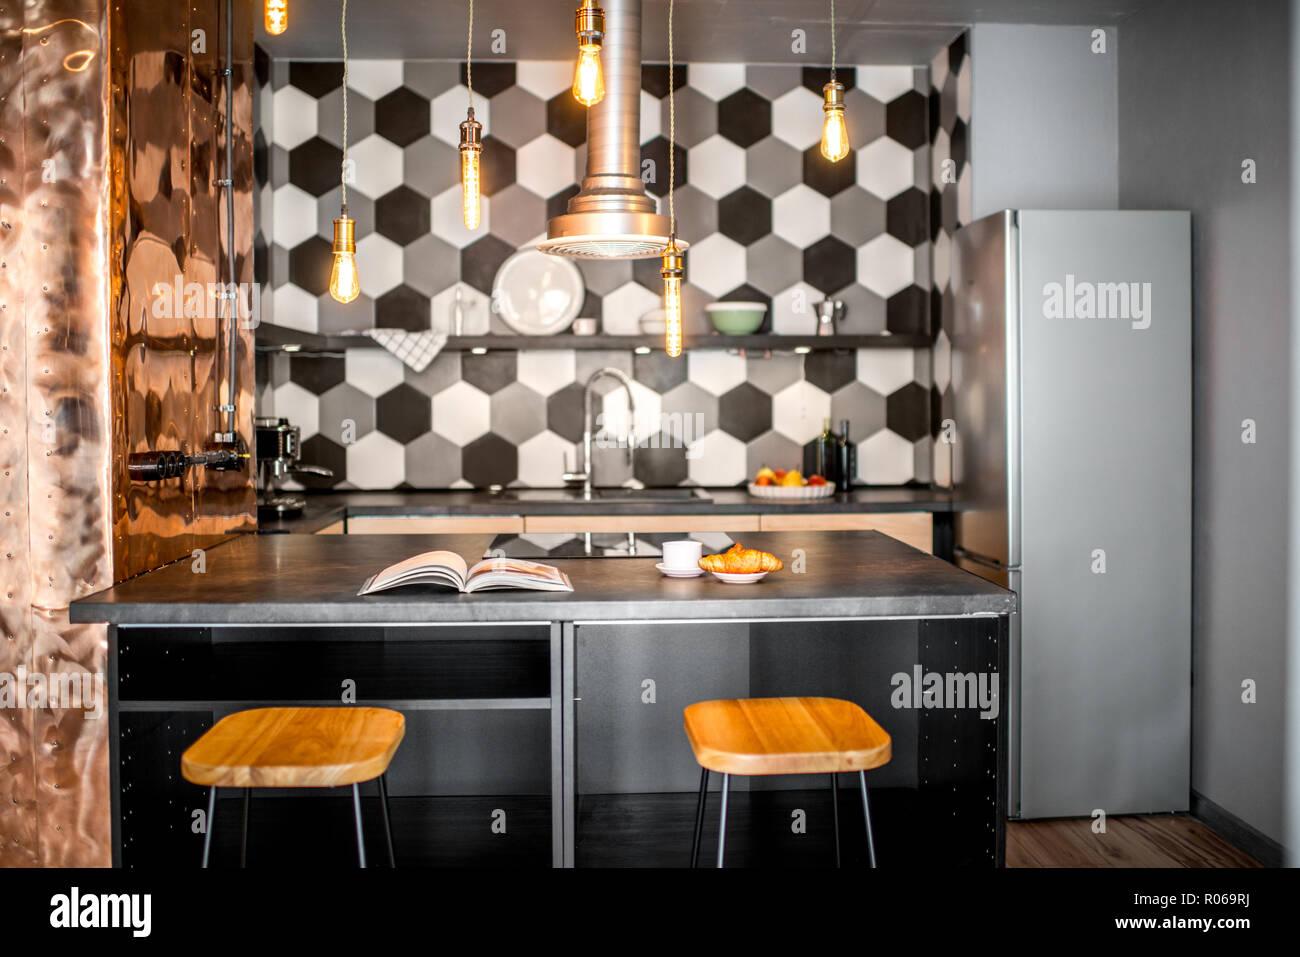 Cuisine intérieur loft hexagonal avec carrelage noir et blanc et mur ...